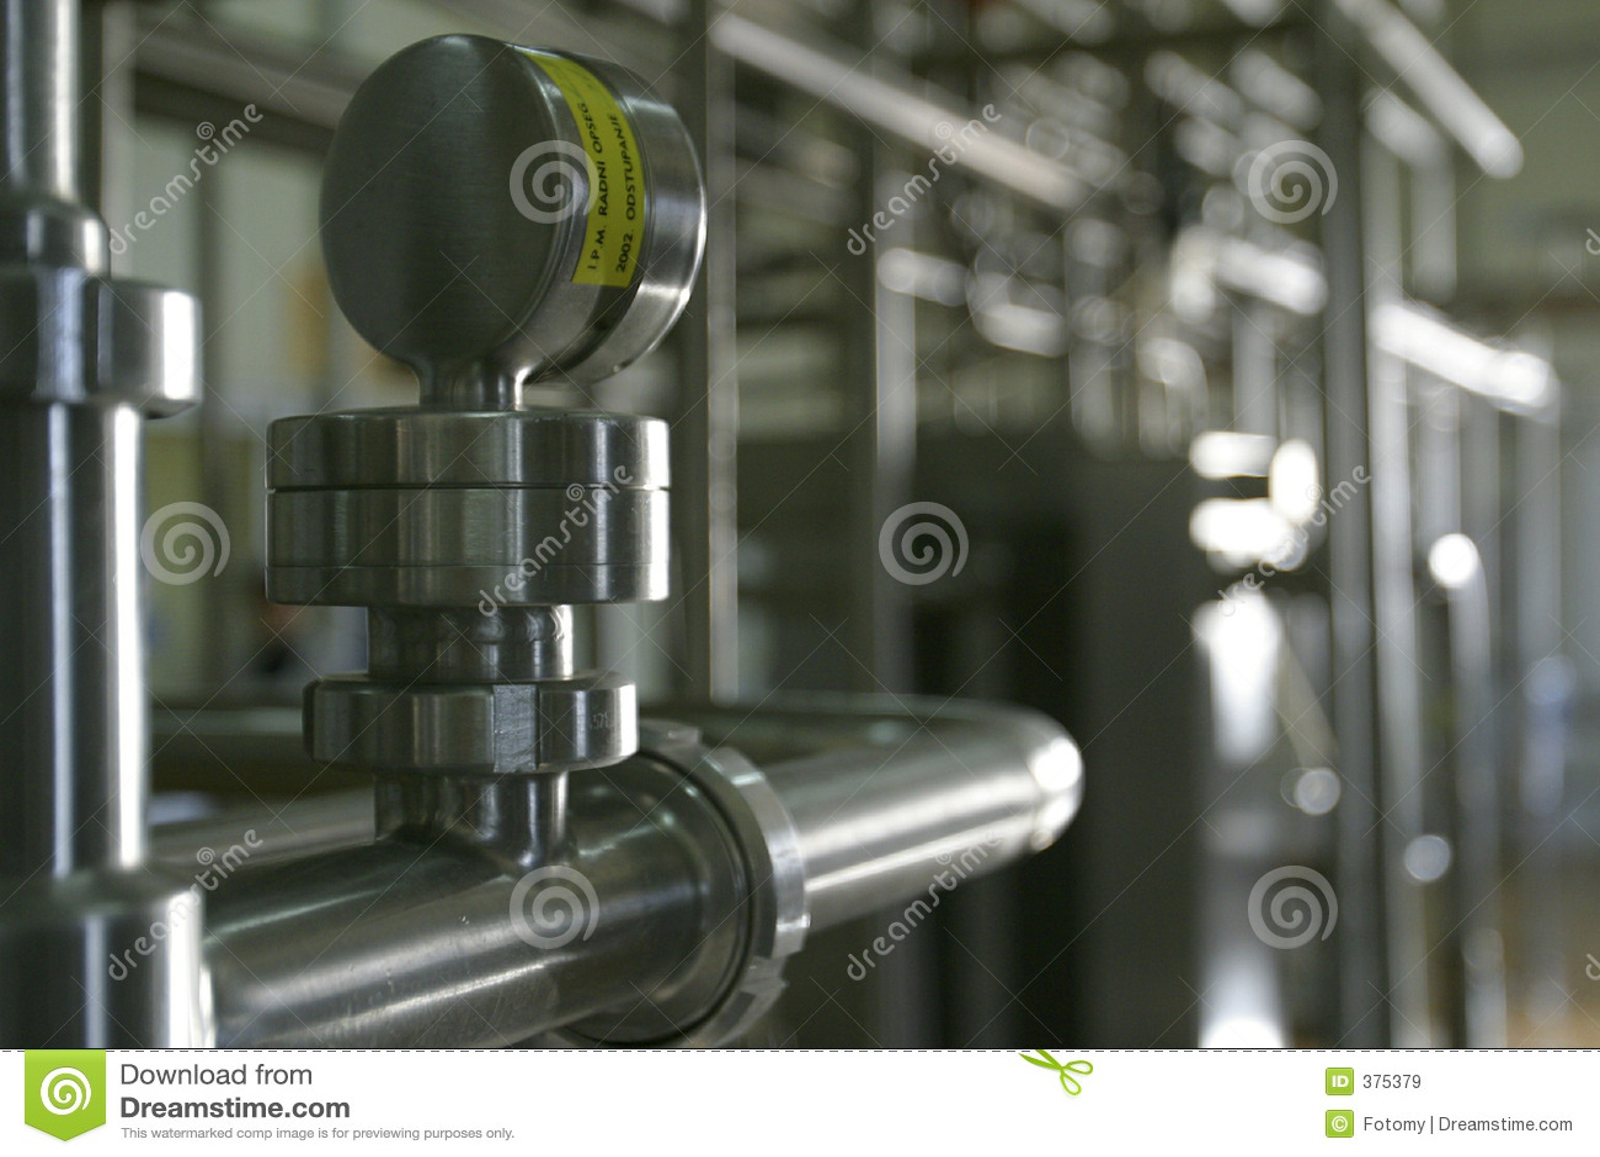 Trabalho inoxidável industrial da tubulação de aço